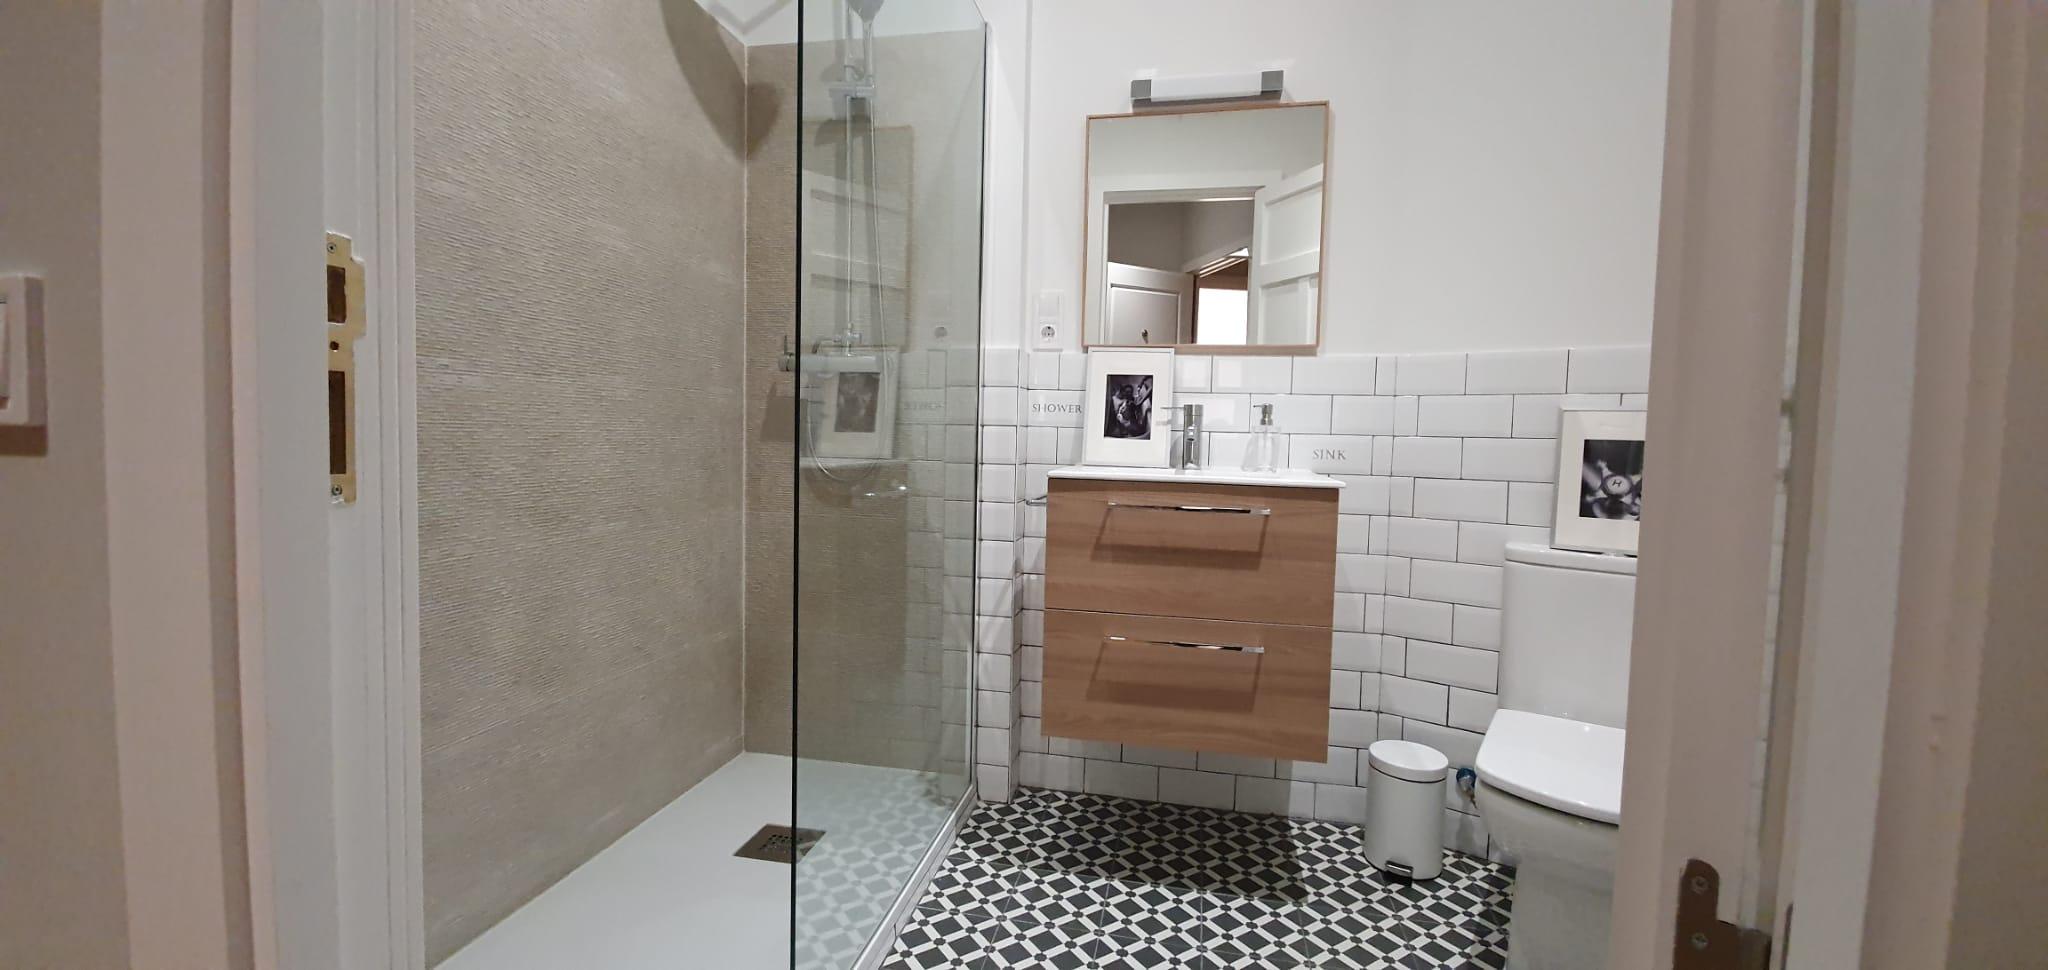 Baño reformado de apartamento en Calle Gran Vía de Madrid